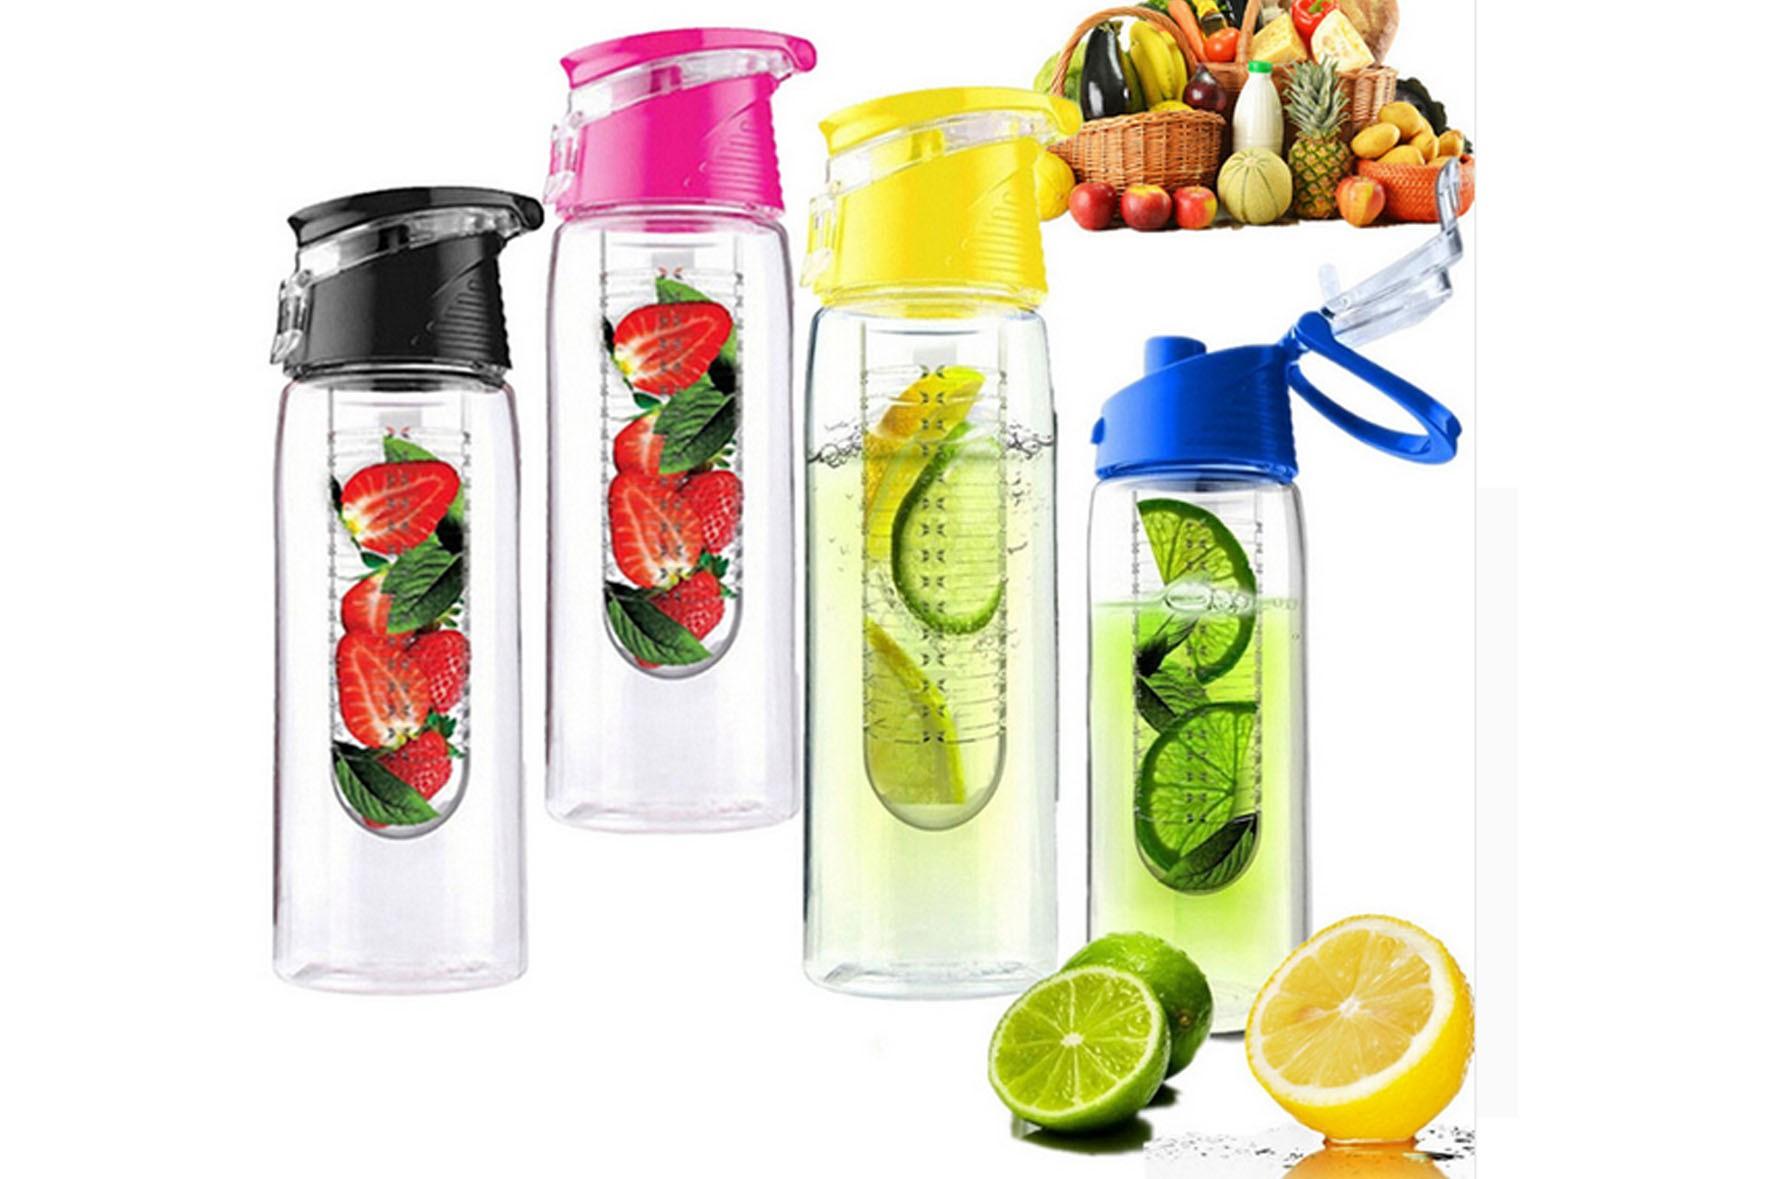 Fruit infuser detox juicer